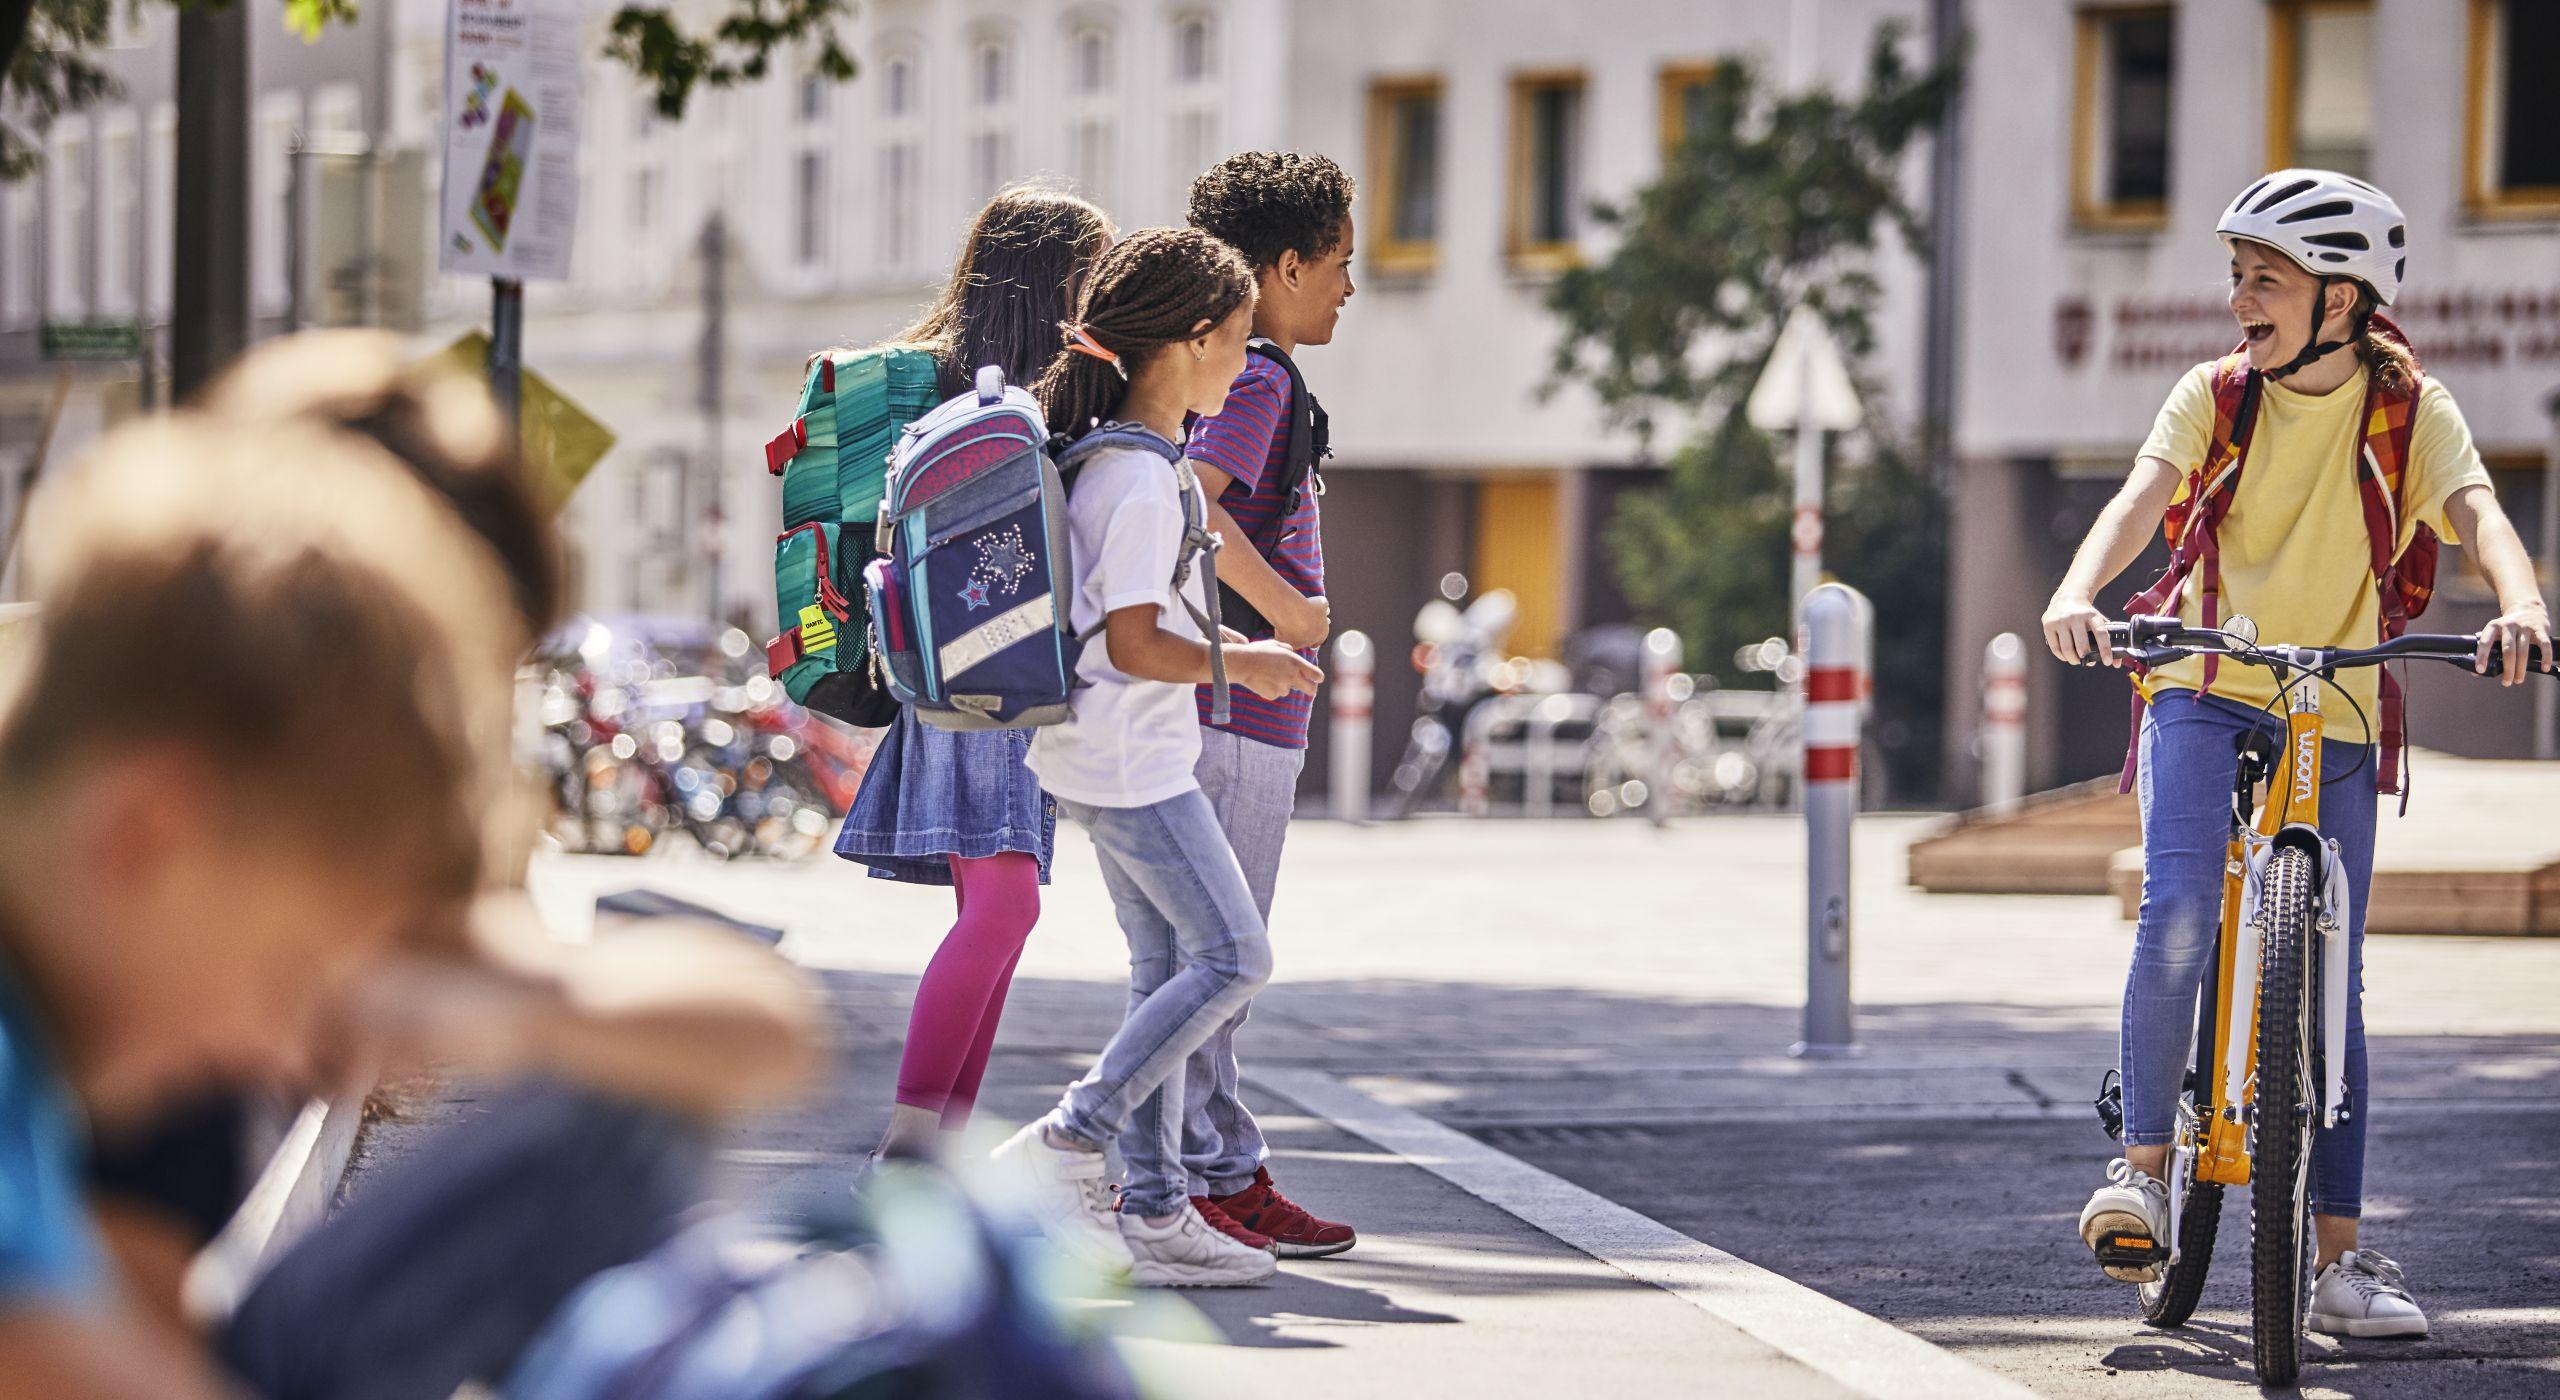 Kinder auf dem Weg zur Schule - zu Fuß und mit dem Rad